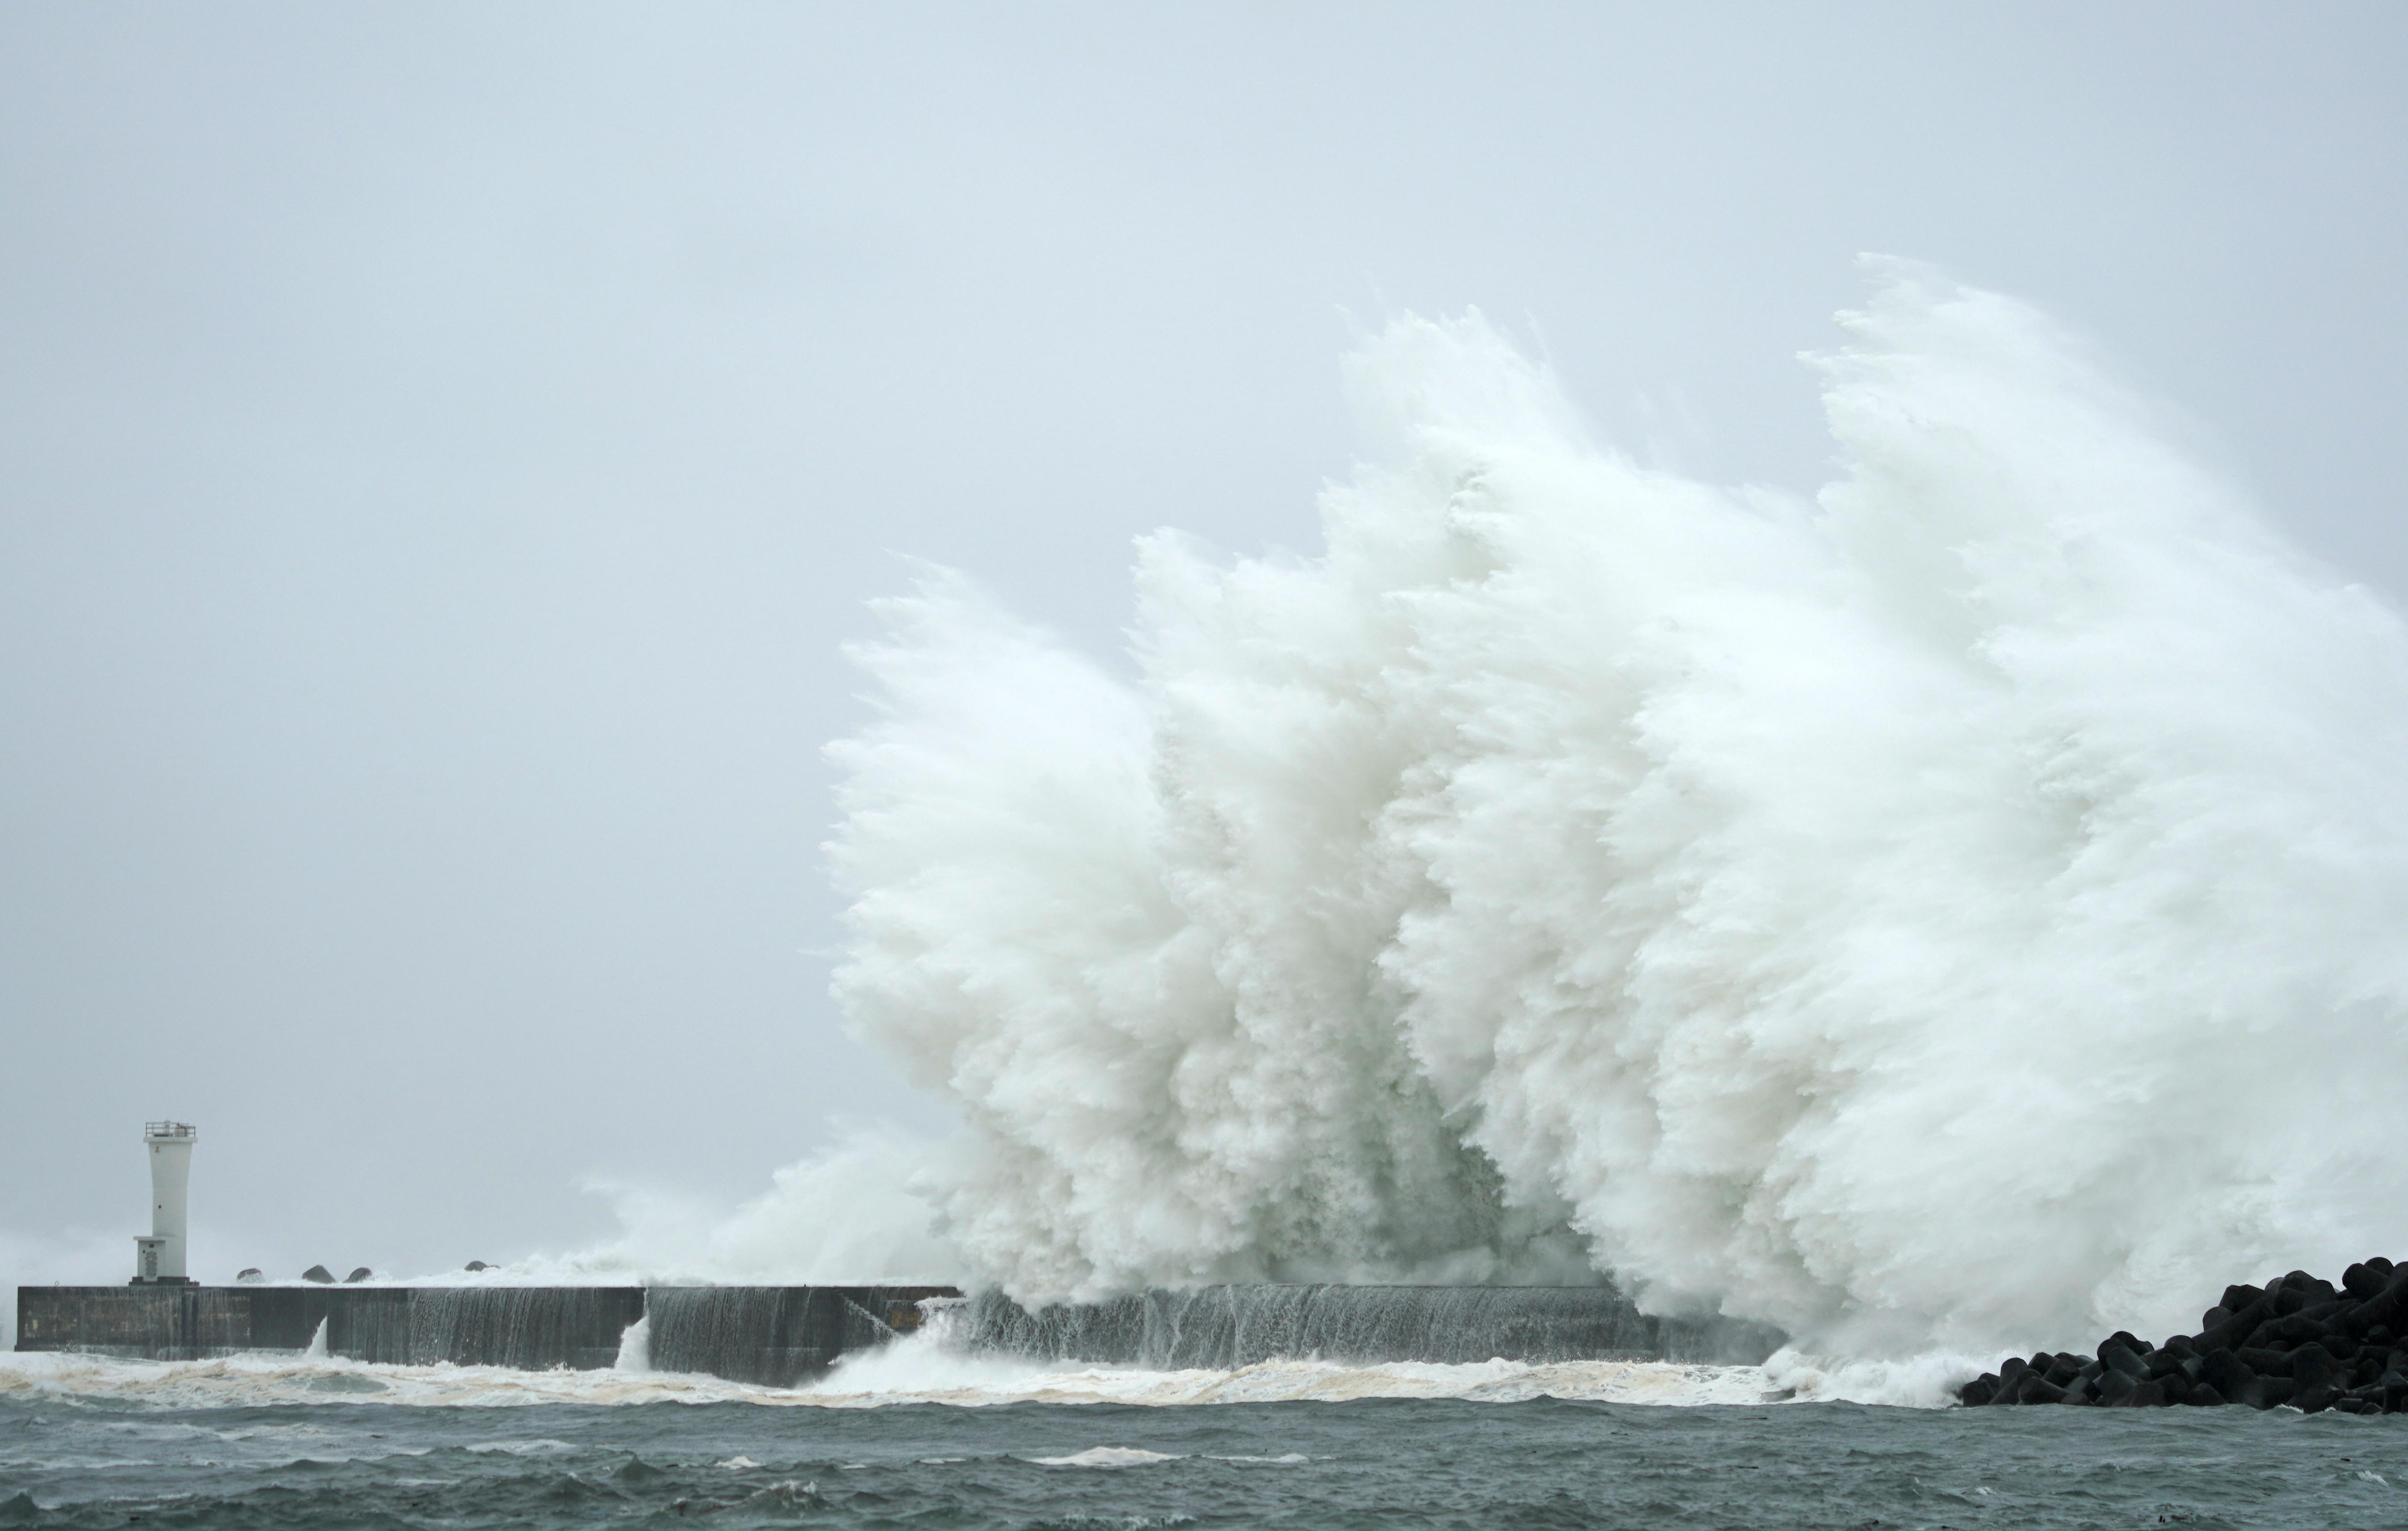 """Най-малко 19 души са загинали, а други 16- са обявени за изчезнали, след като мощният тайфун """"Хагибис"""" удари Япония."""